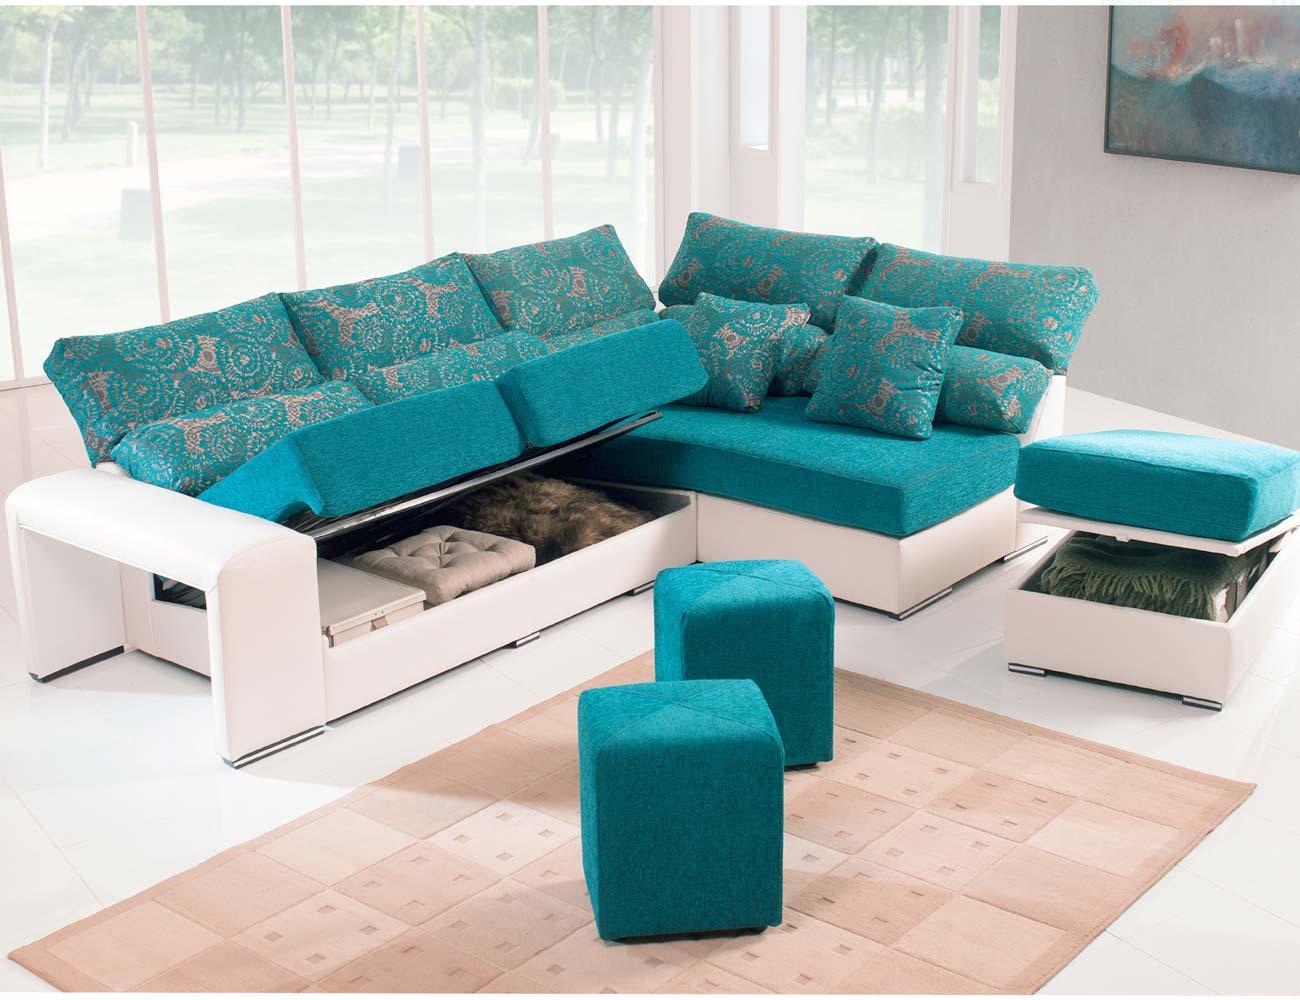 Sofa chaiselongue rincon puff arcon taburete25